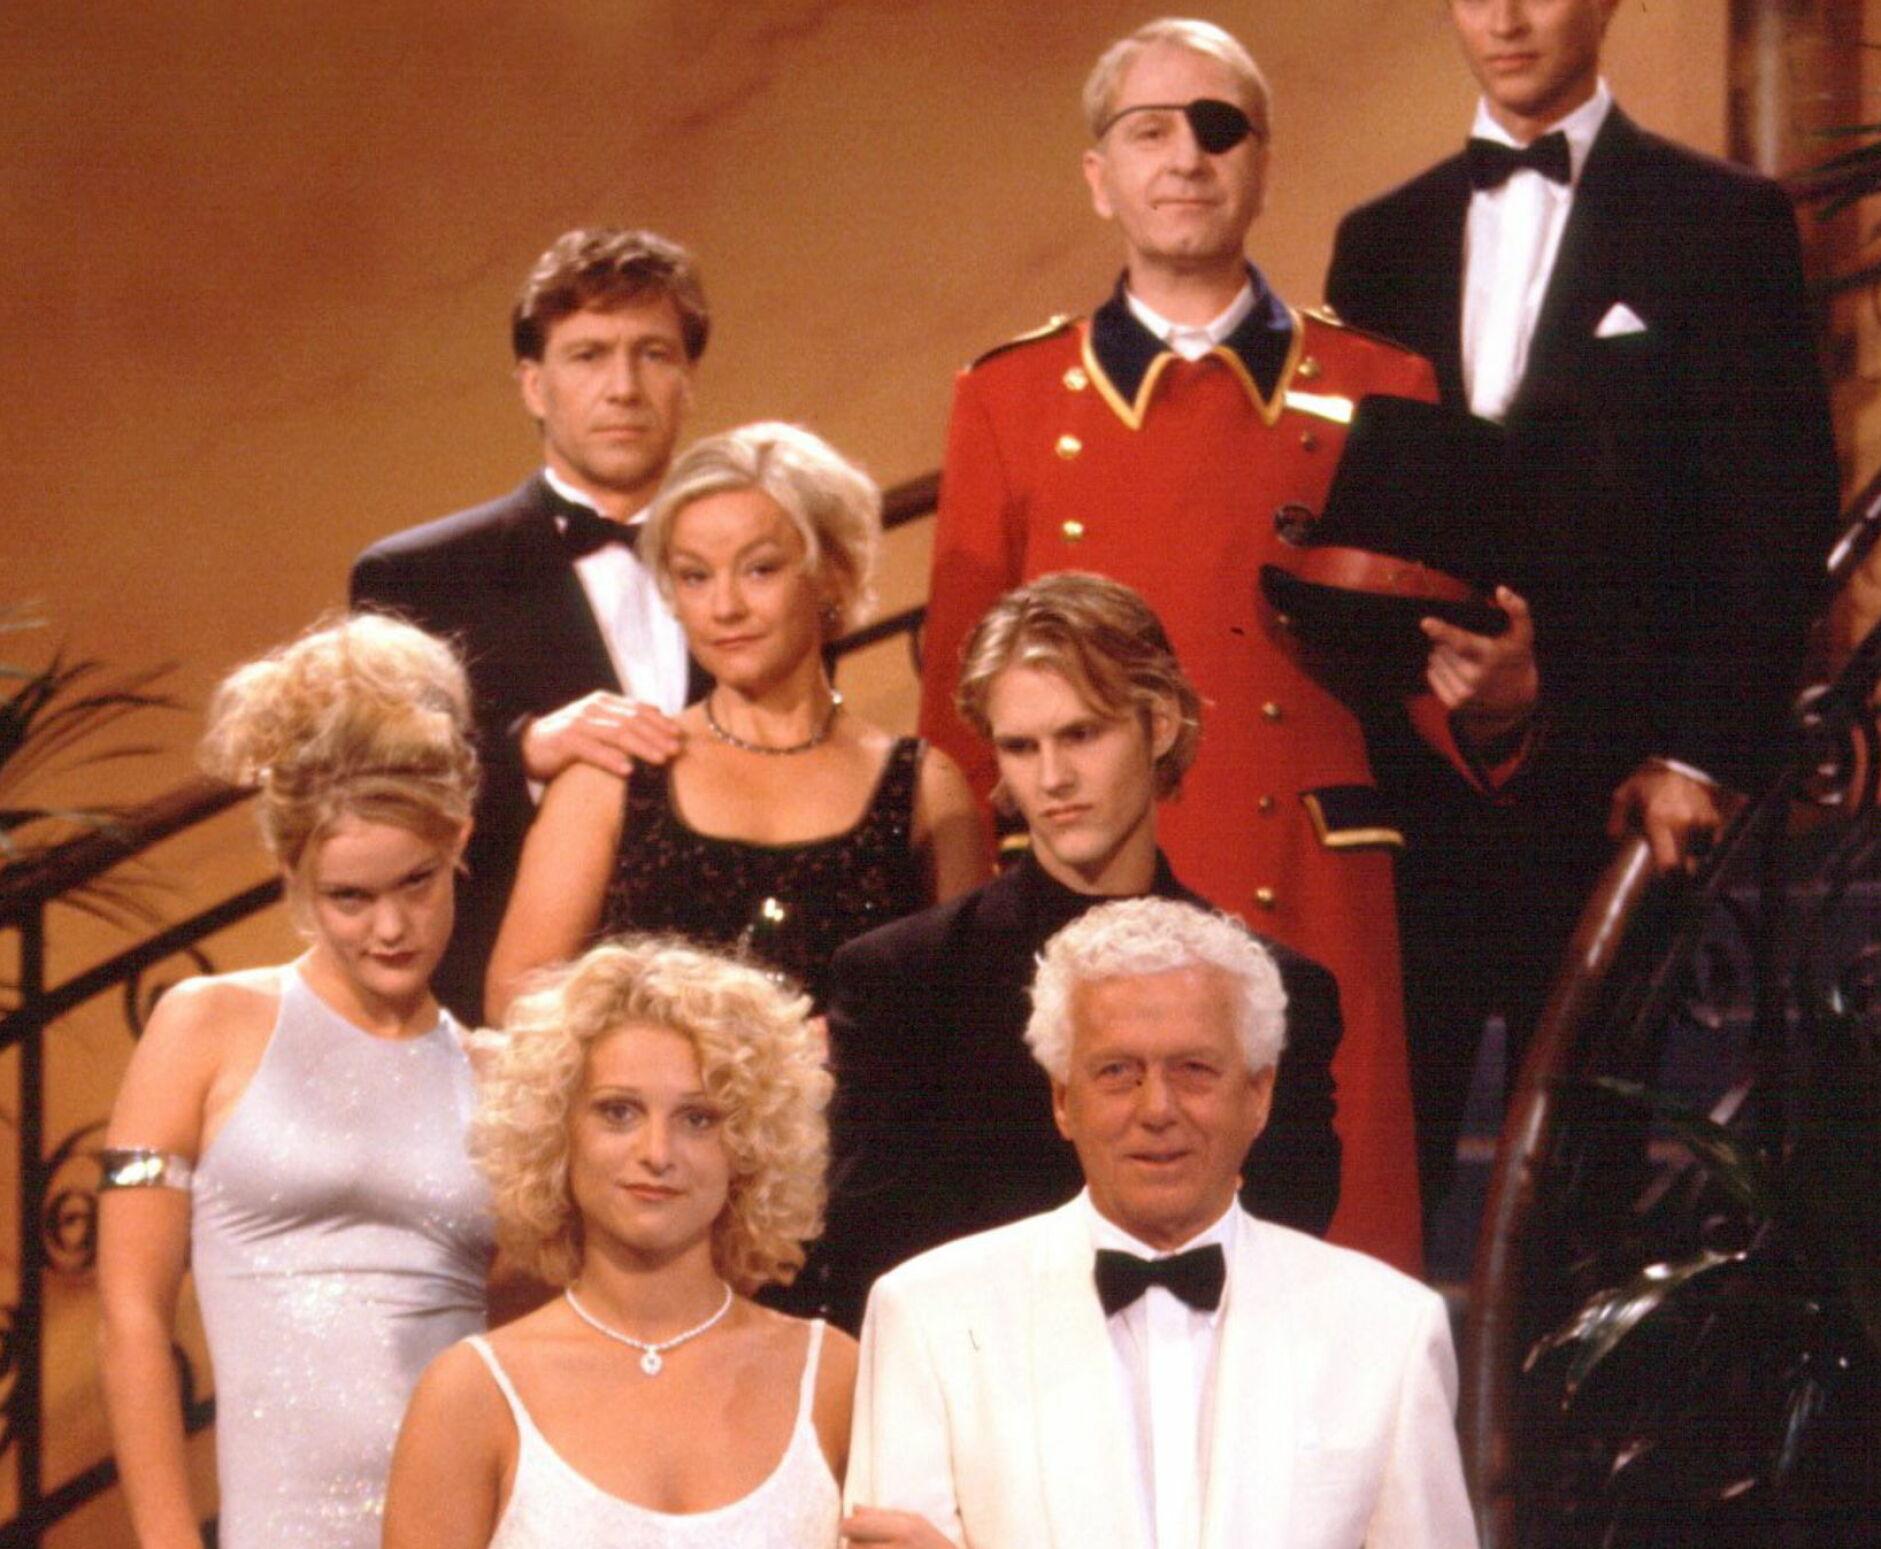 SUPERSTJERNER: Skuespillerne i Hotel Cæsar ble over natten rikskjendiser. Men for noen gikk det galt etter serien. Foto: Atle Bye